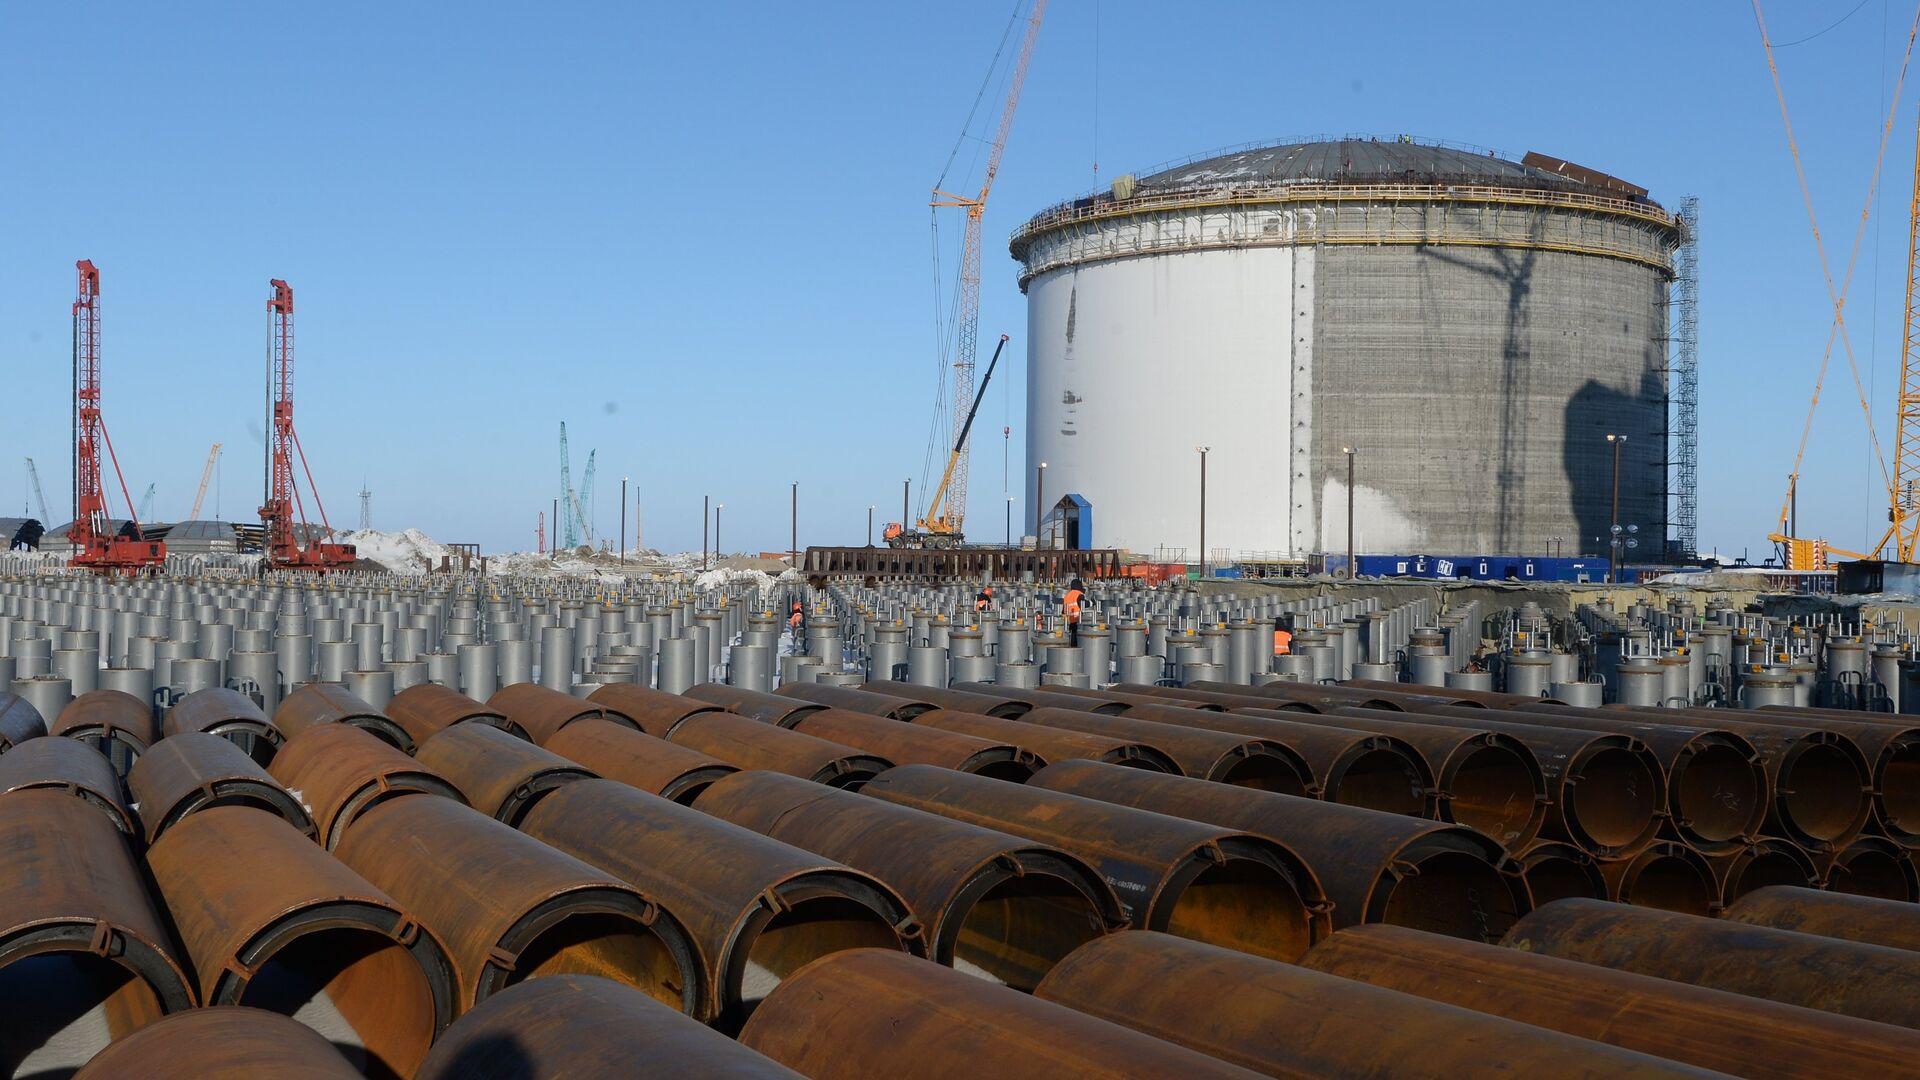 Резервуар для хранения сжиженного природного газа - Sputnik Узбекистан, 1920, 09.09.2021